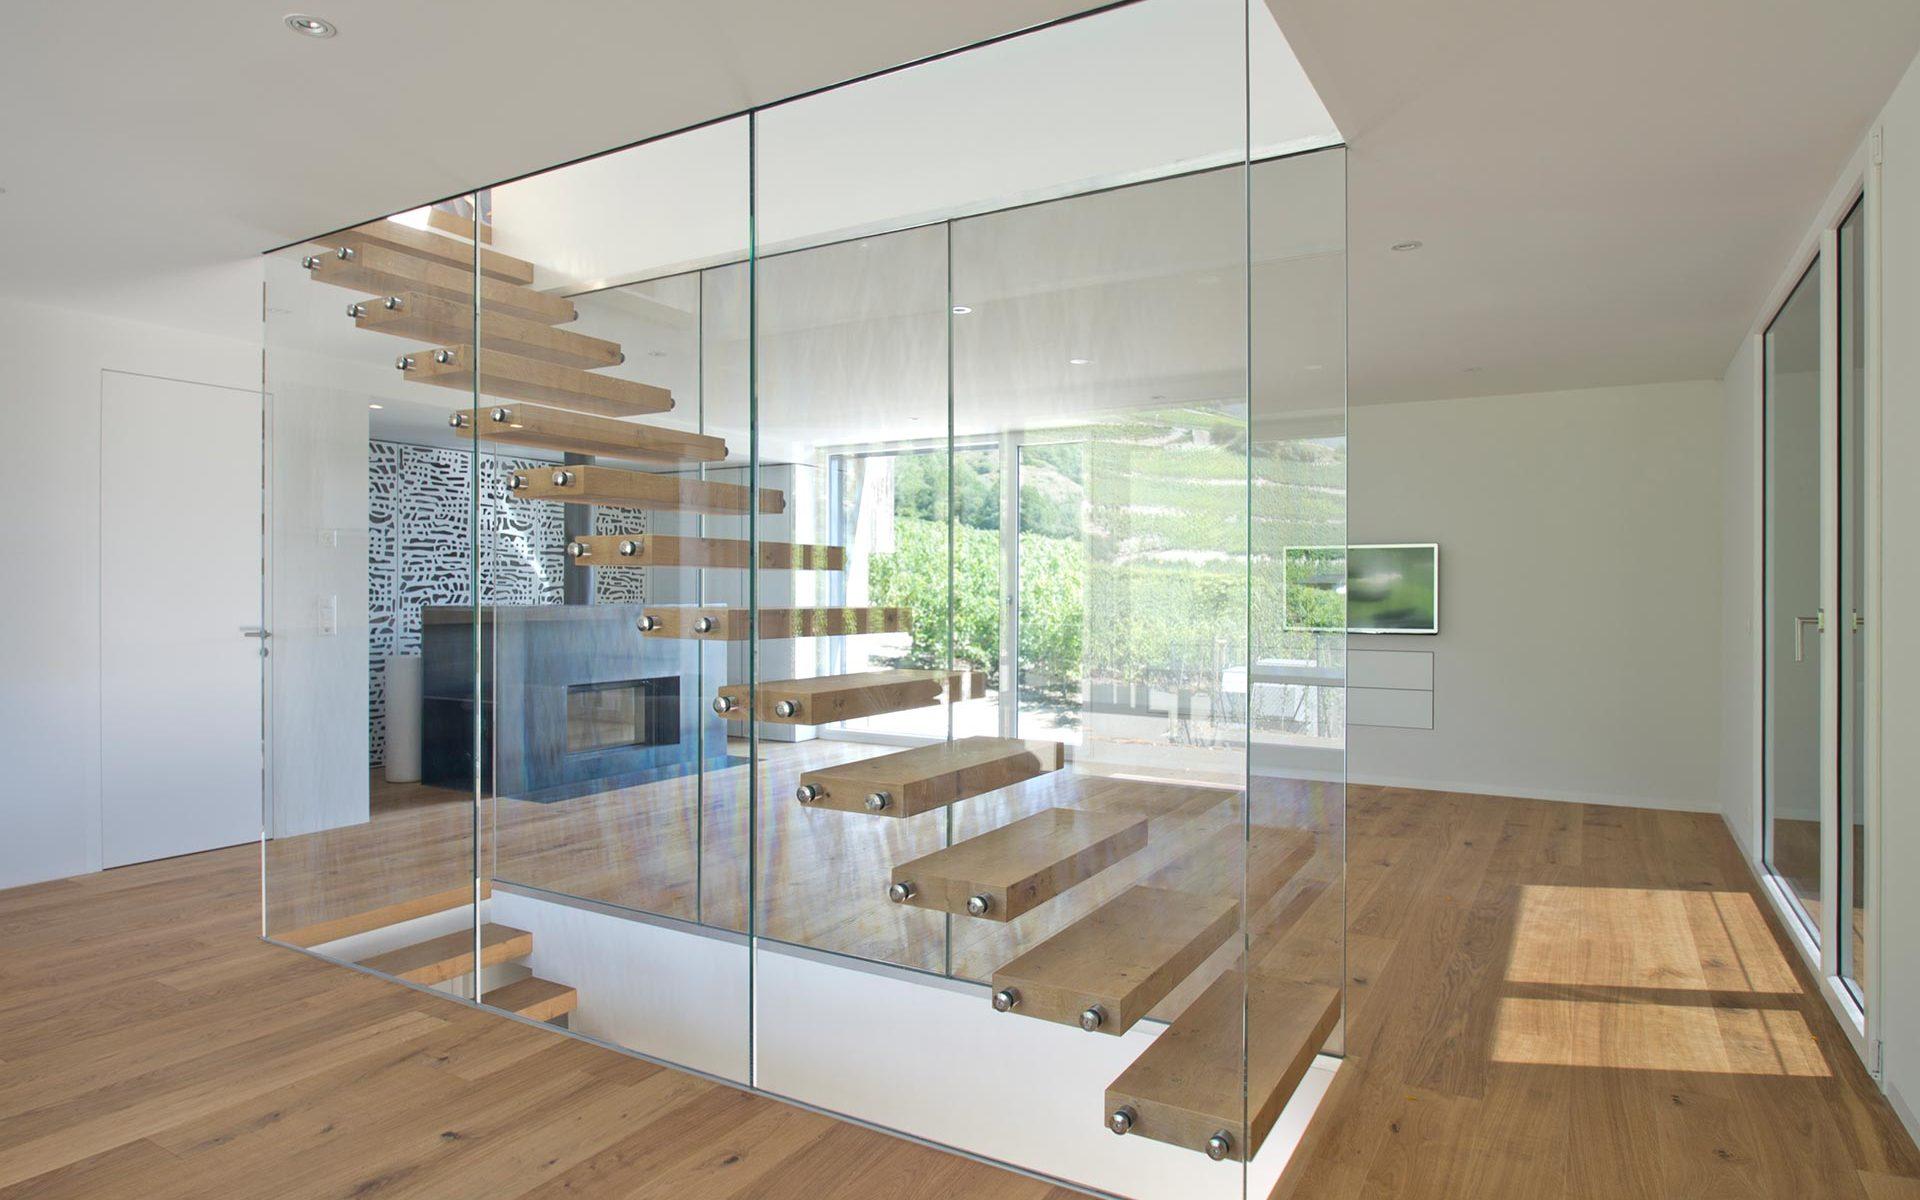 escalier_verre_chêne